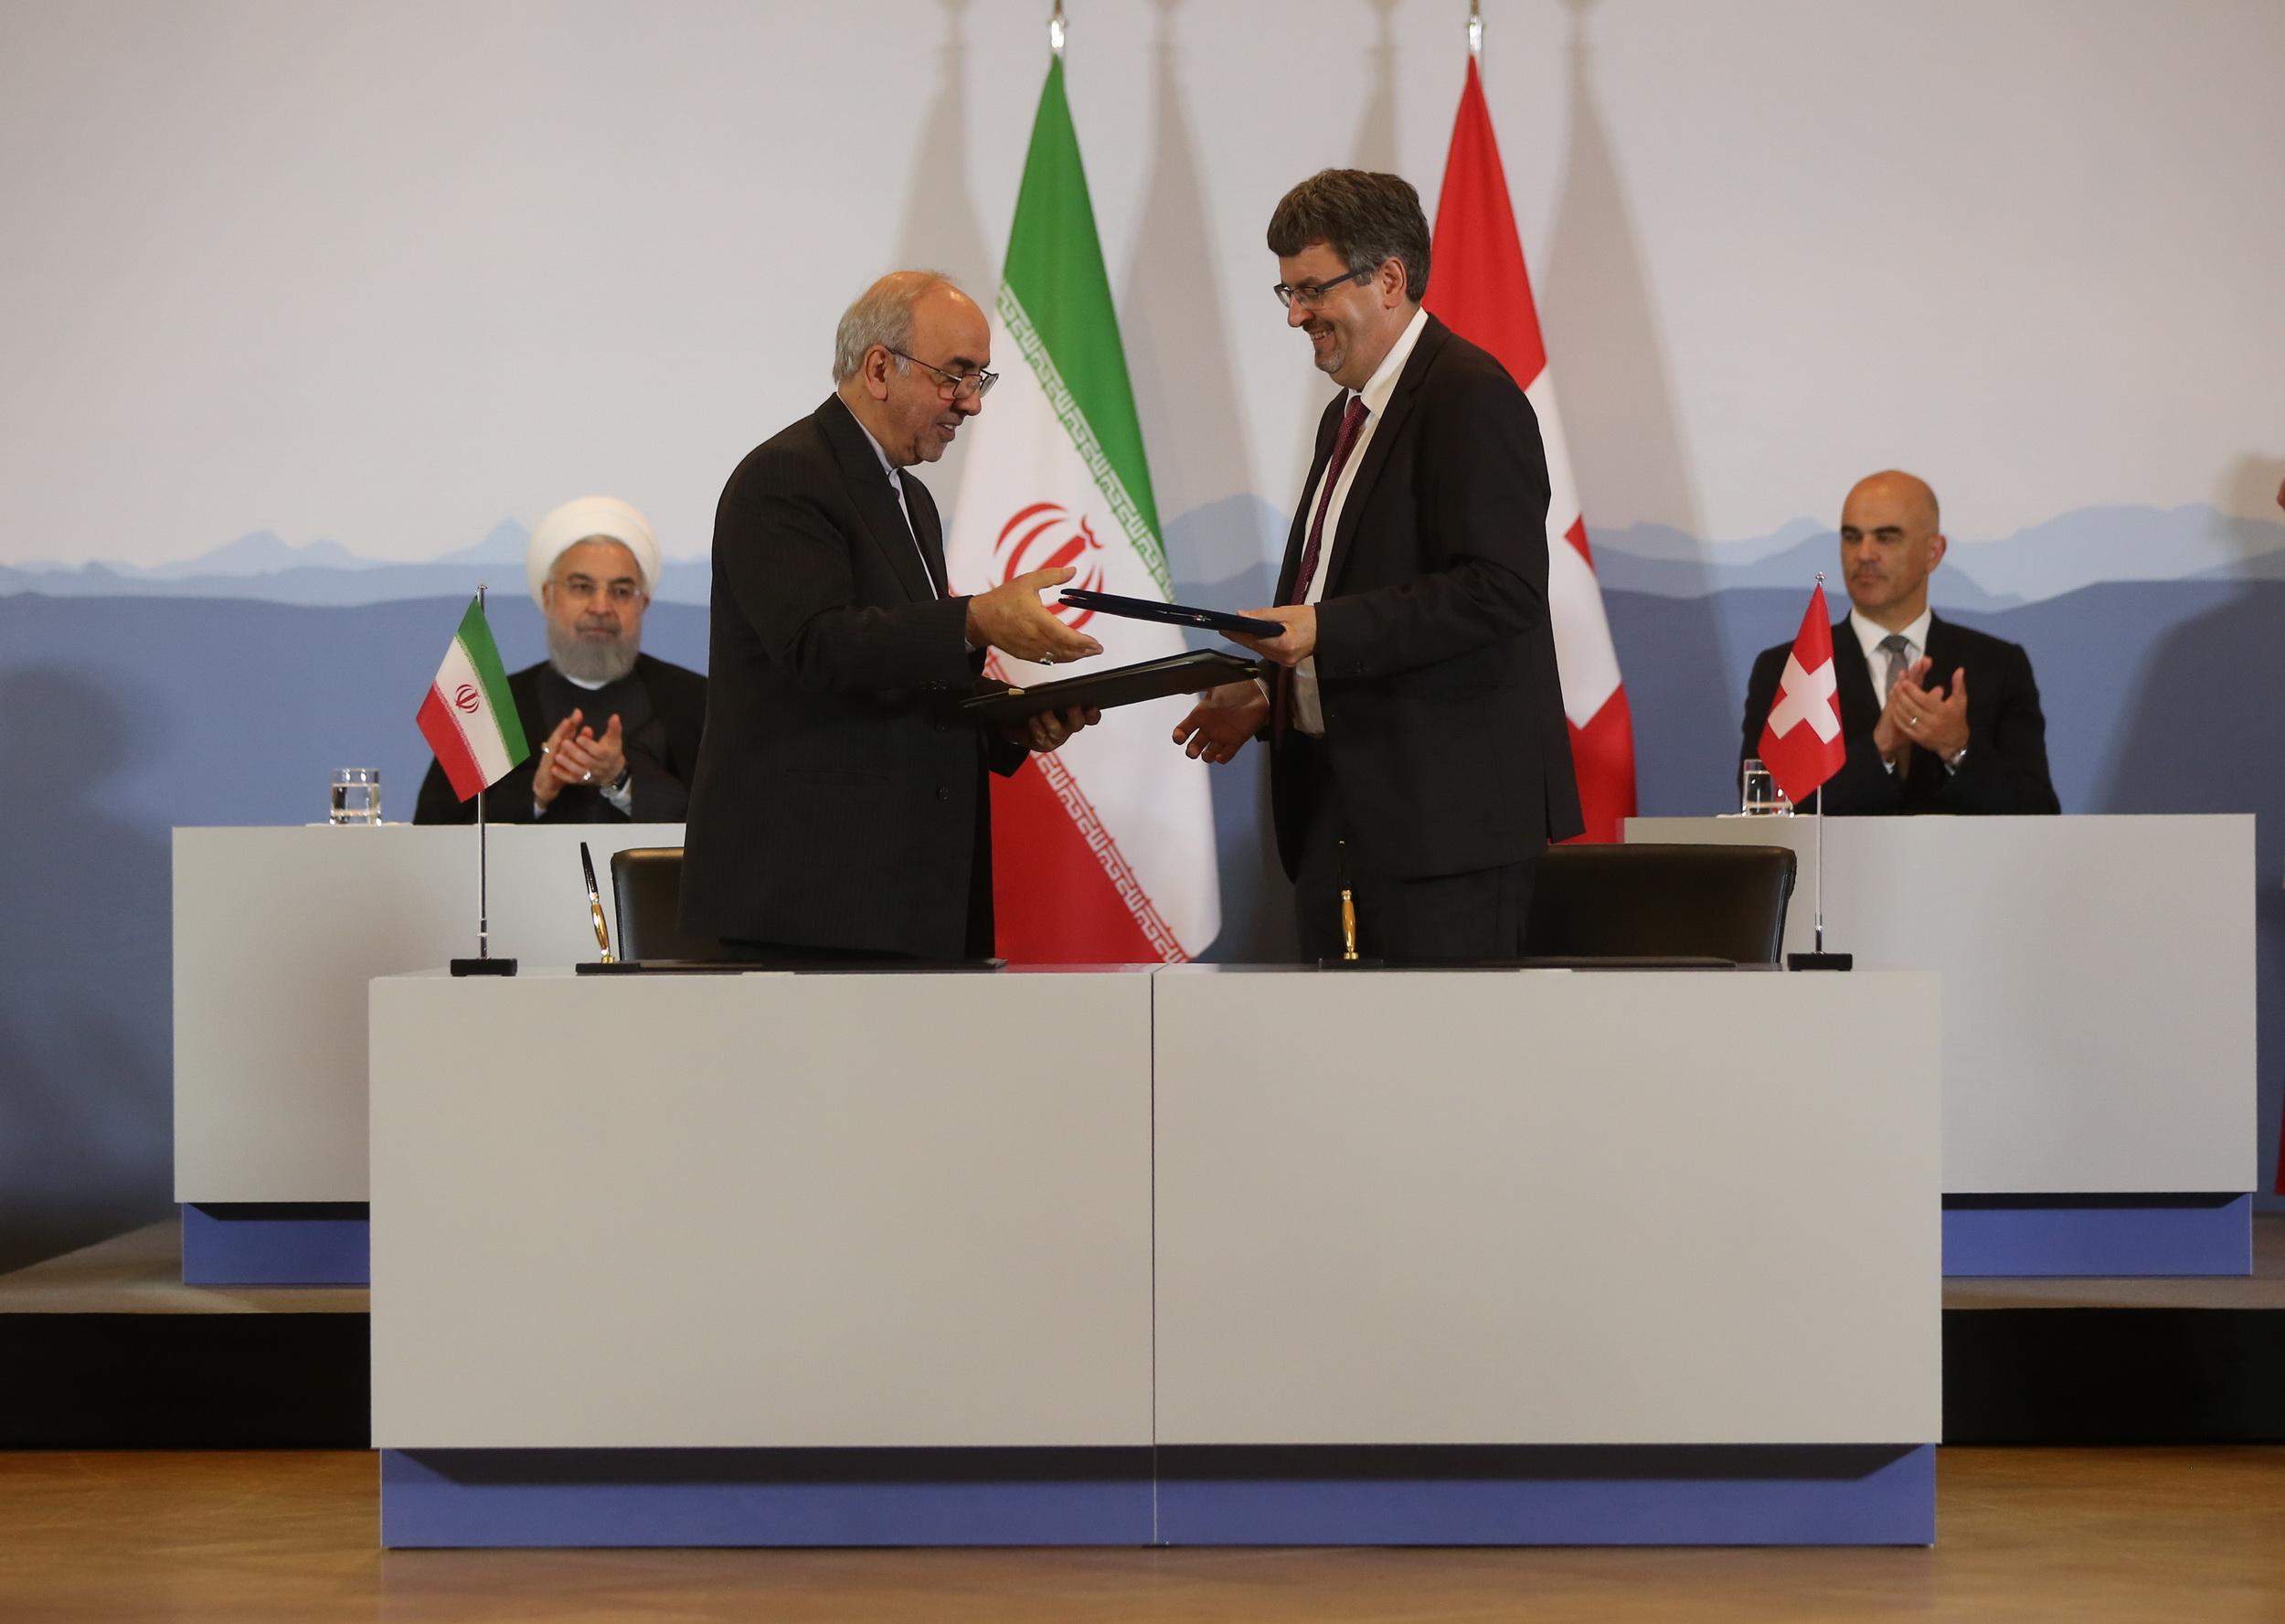 ایران و سوئیس سه سند همکاری علمی، بهداشتی و اقتصادی امضاء کردند